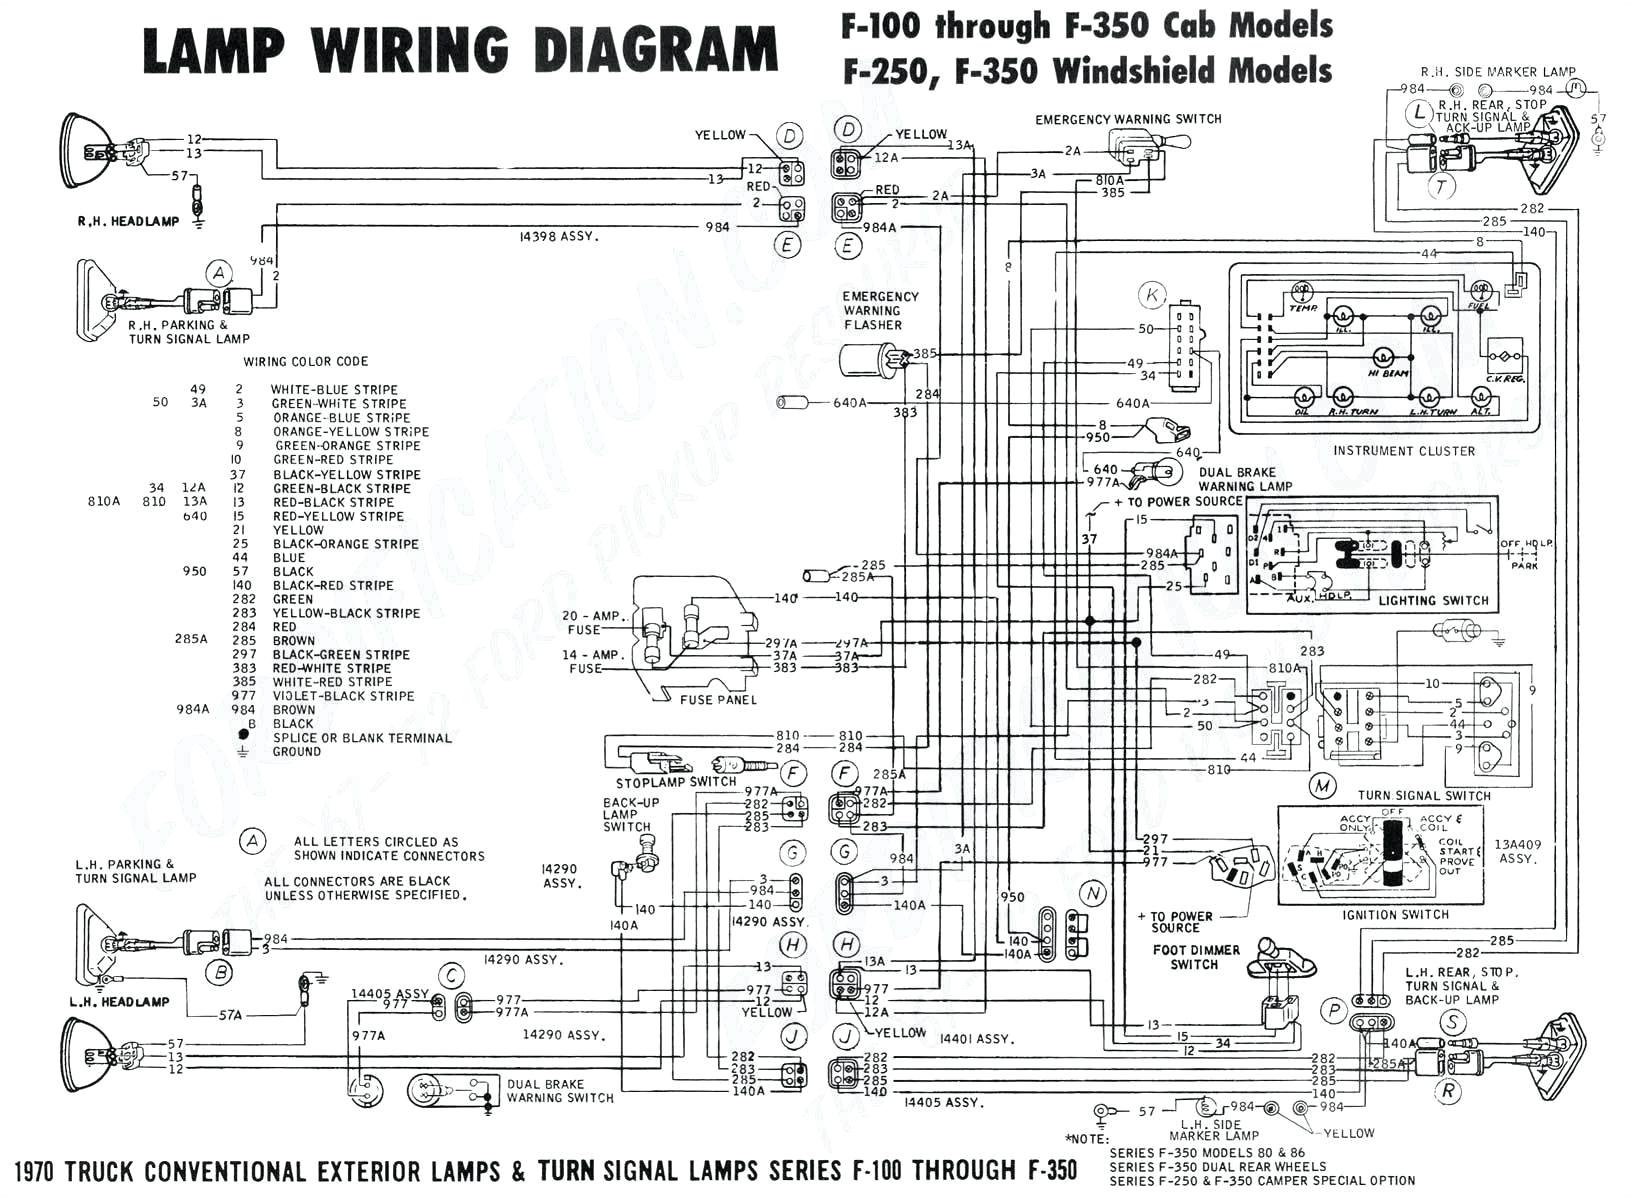 08 dodge ram wiring diagram wiring diagram database dodge ram wiring diagram download dodge ram trailer